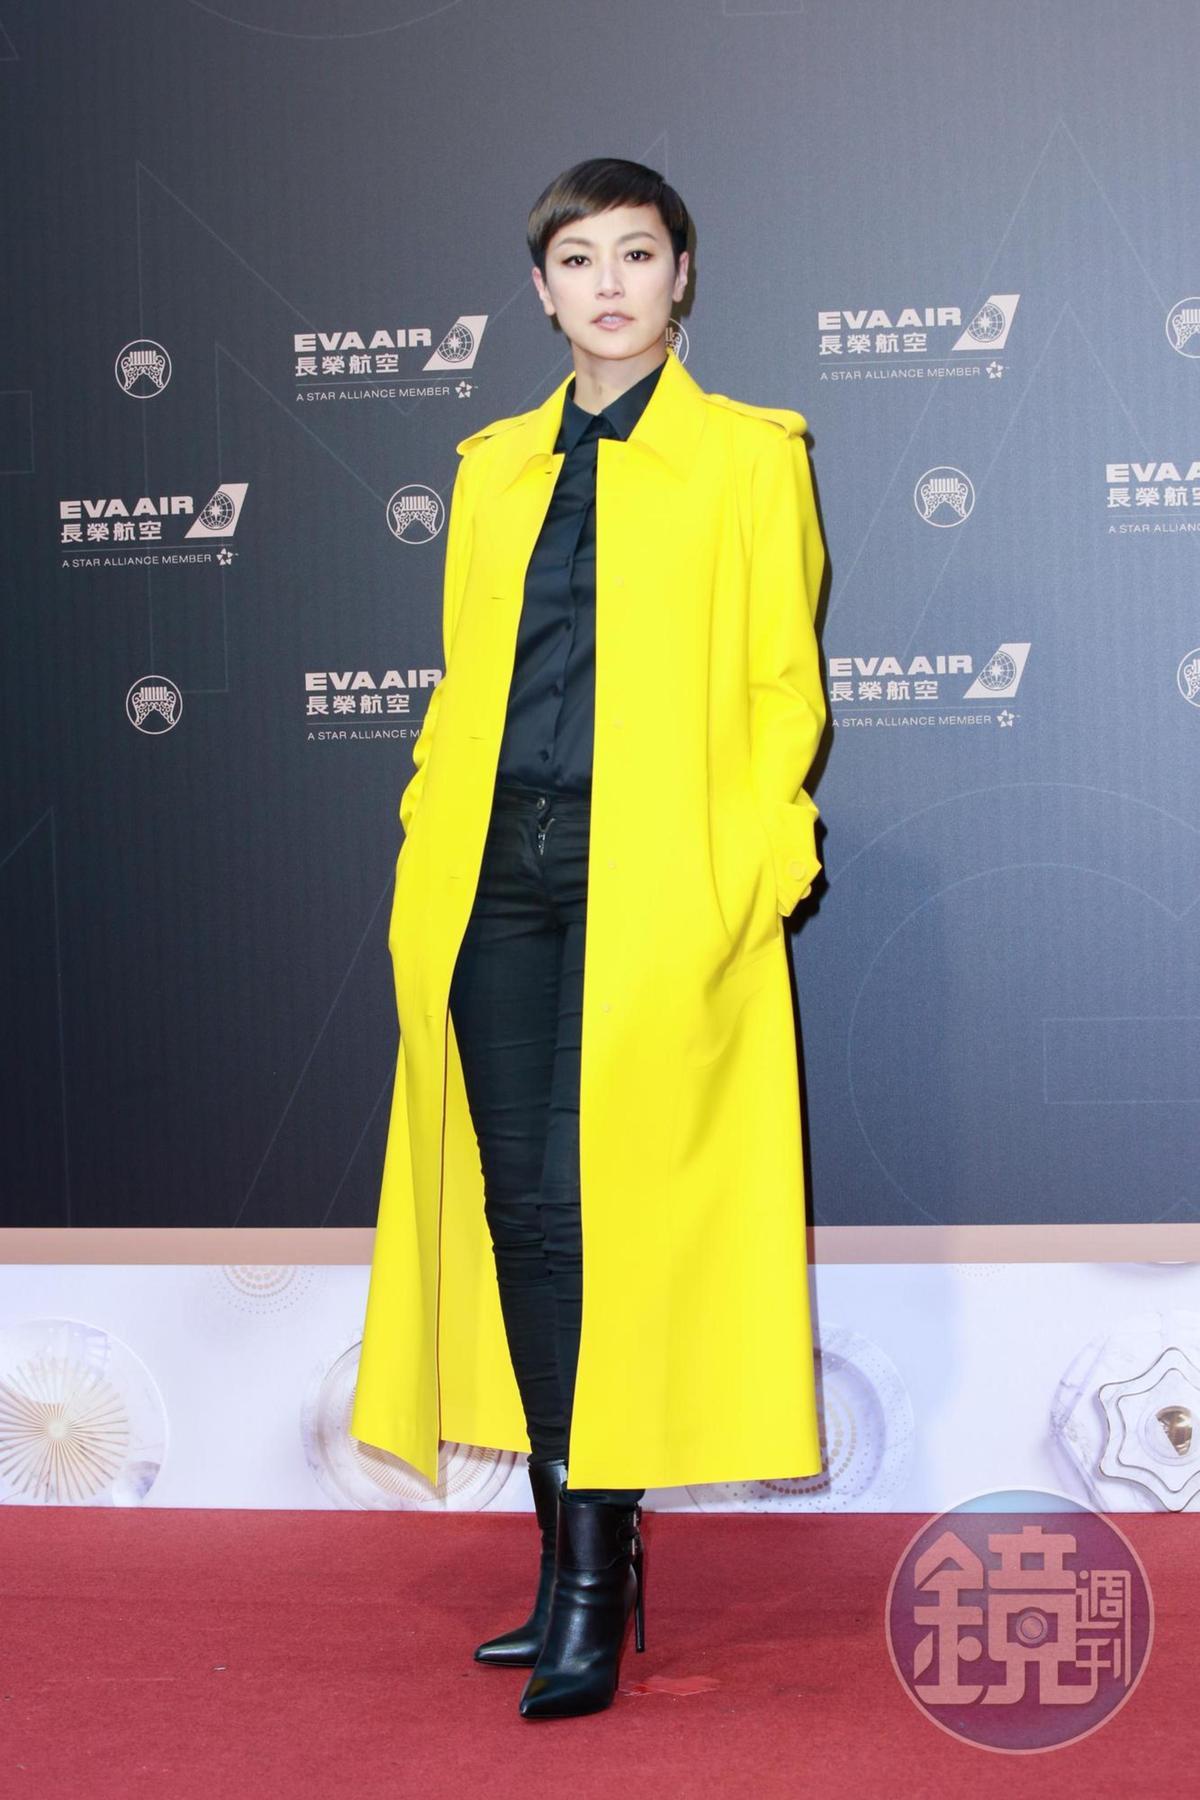 何韻詩穿黃色大衣搭配黑色內裝,個性又帥氣。